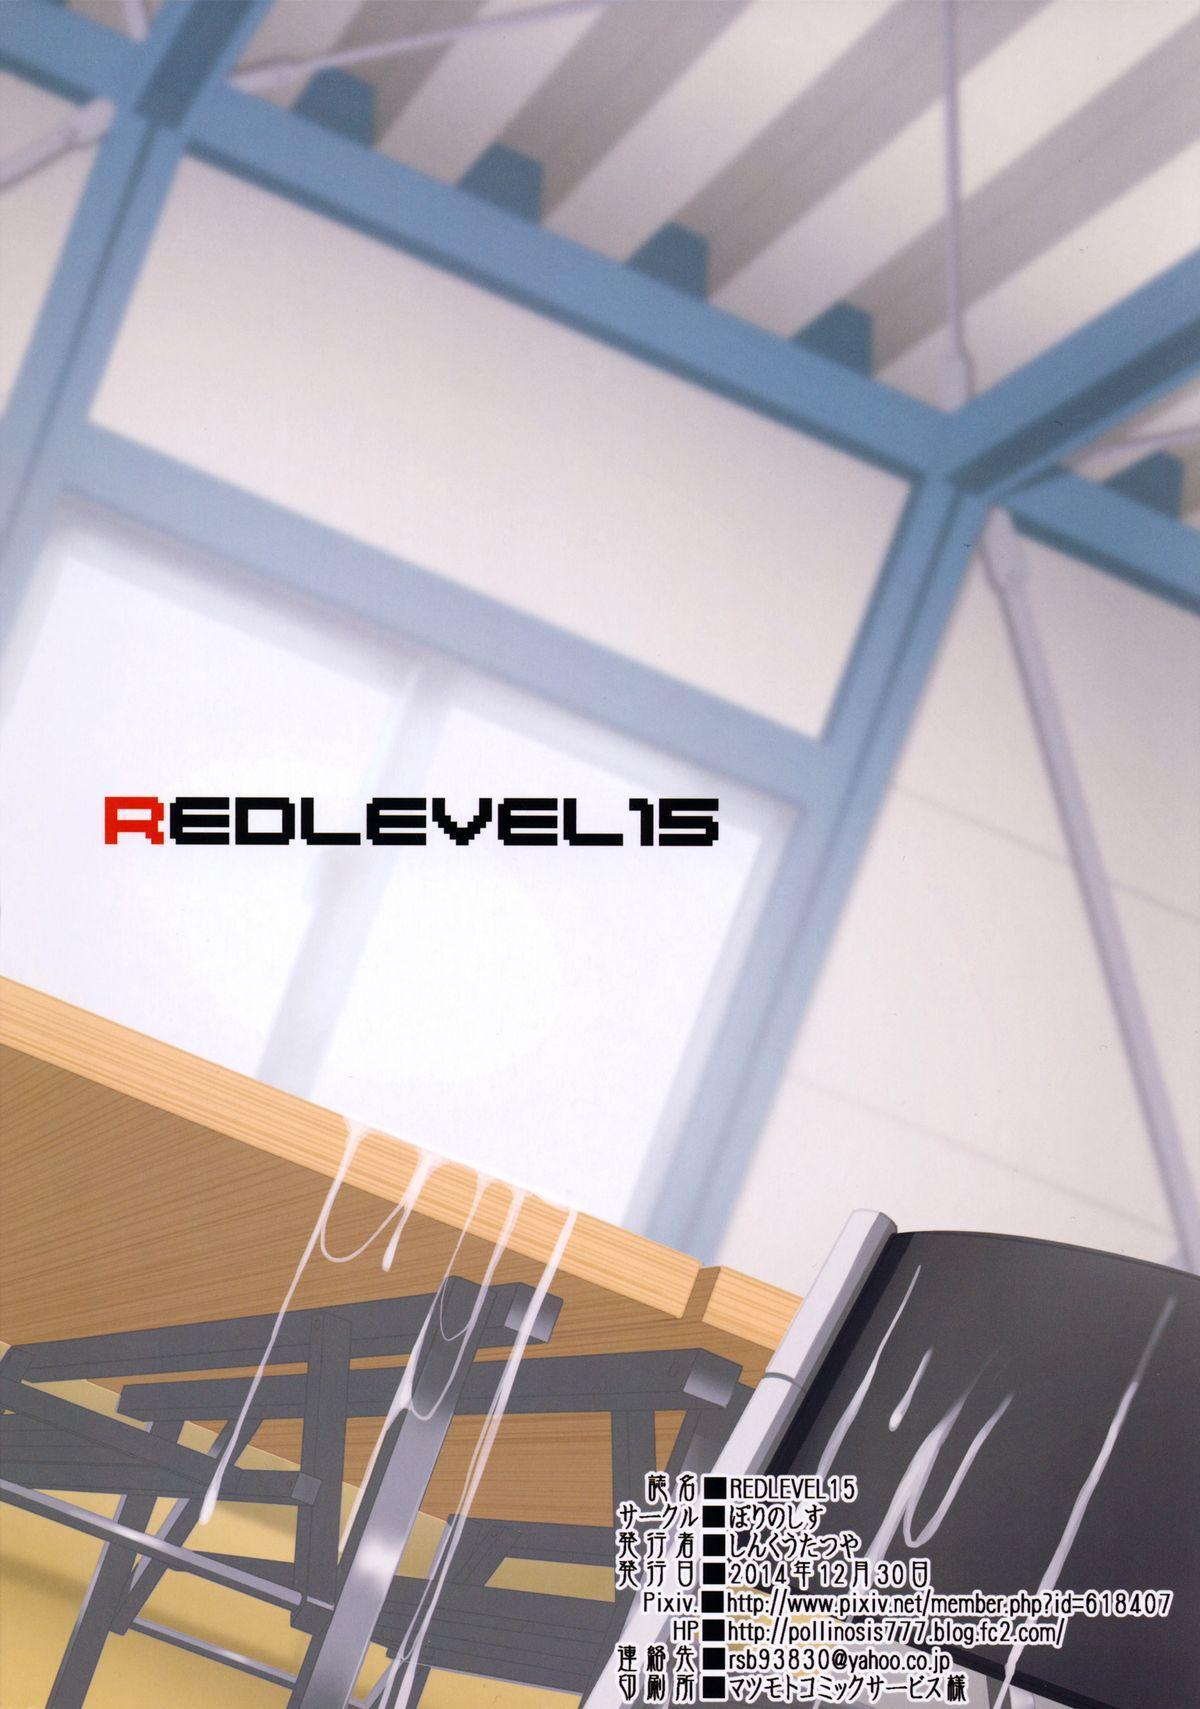 REDLEVEL15 29